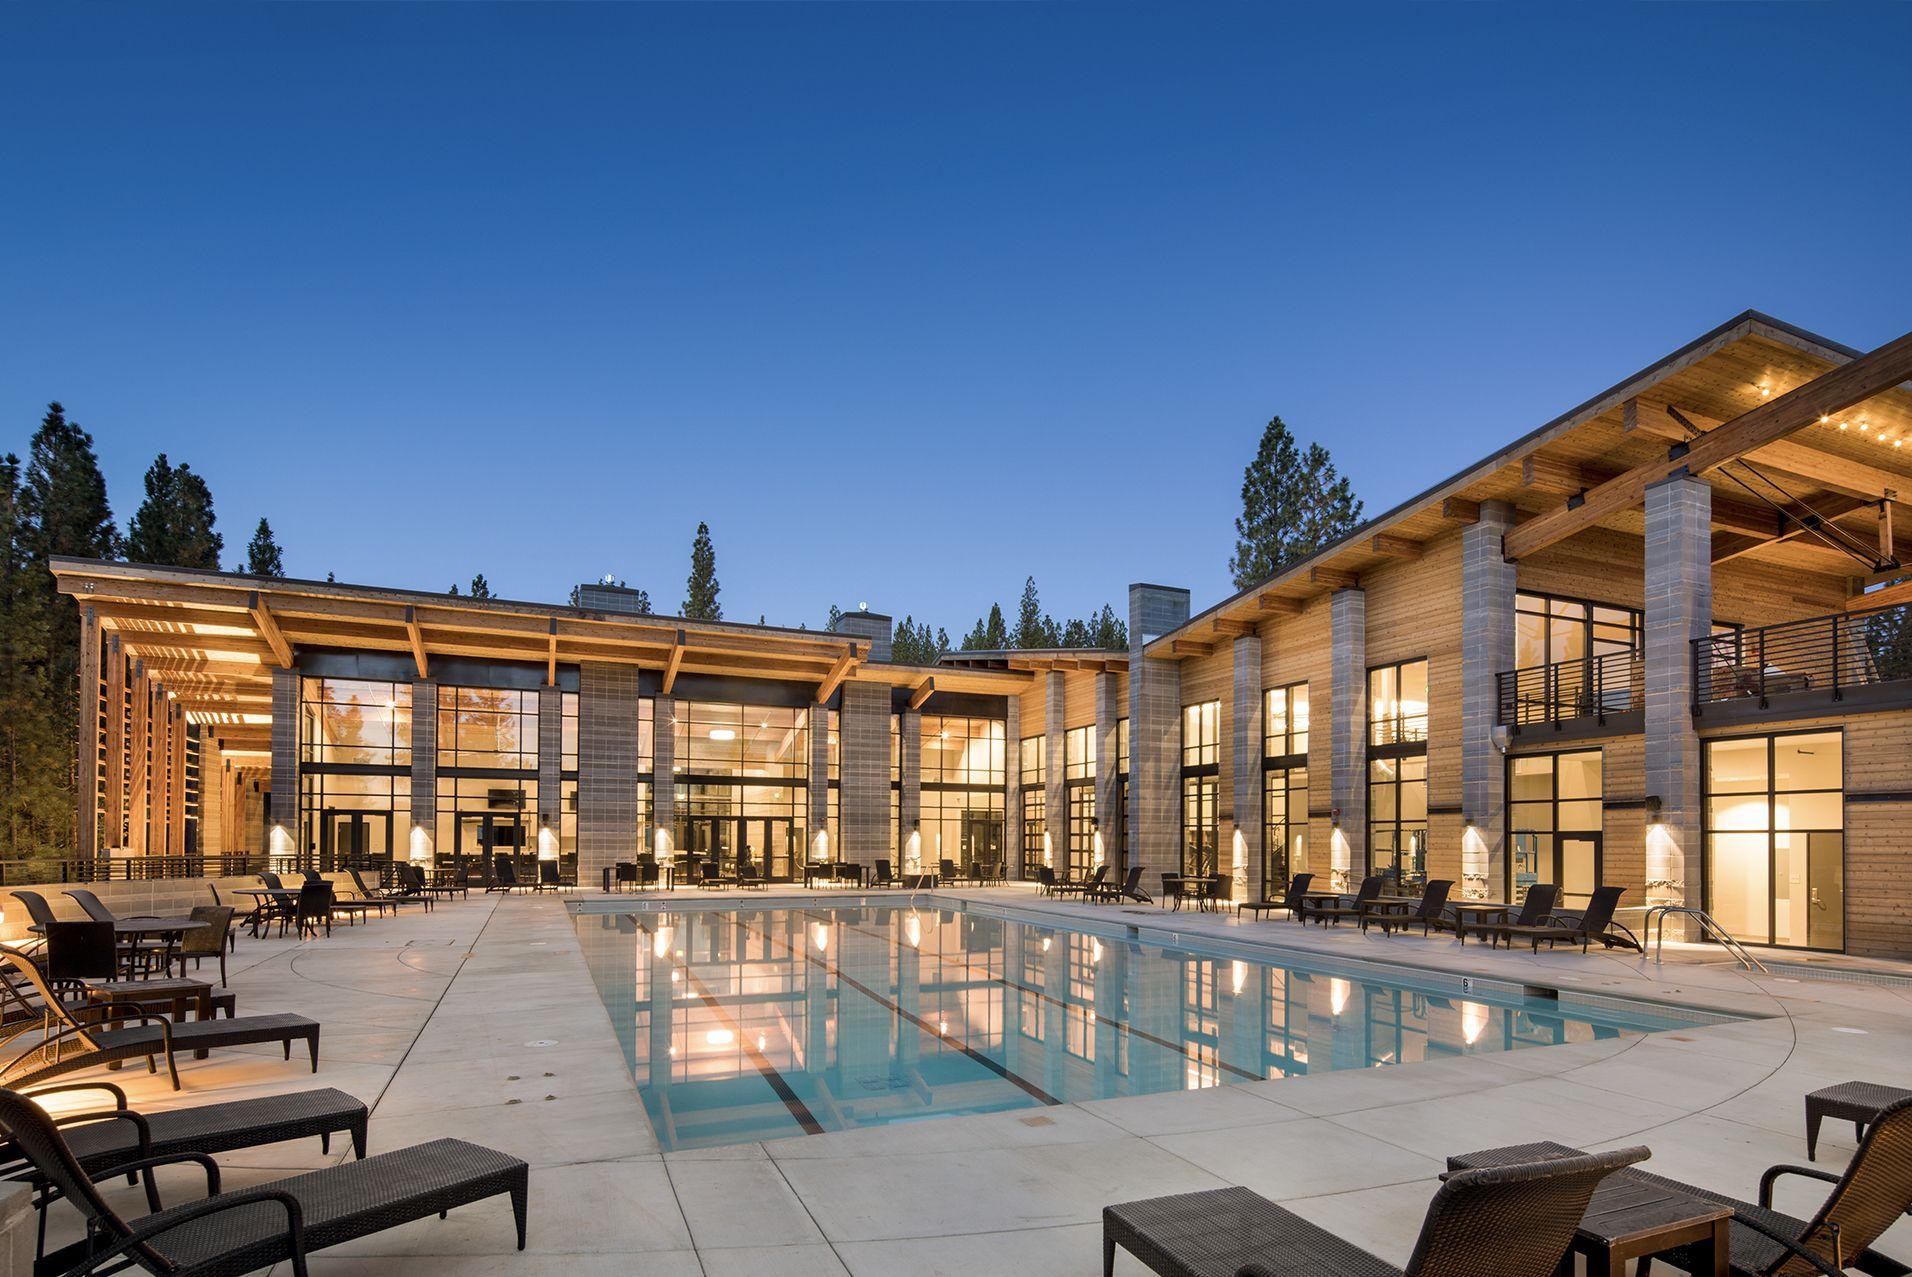 Nakoma Resort North Lake Tahoe Luxury Resort in Plumas